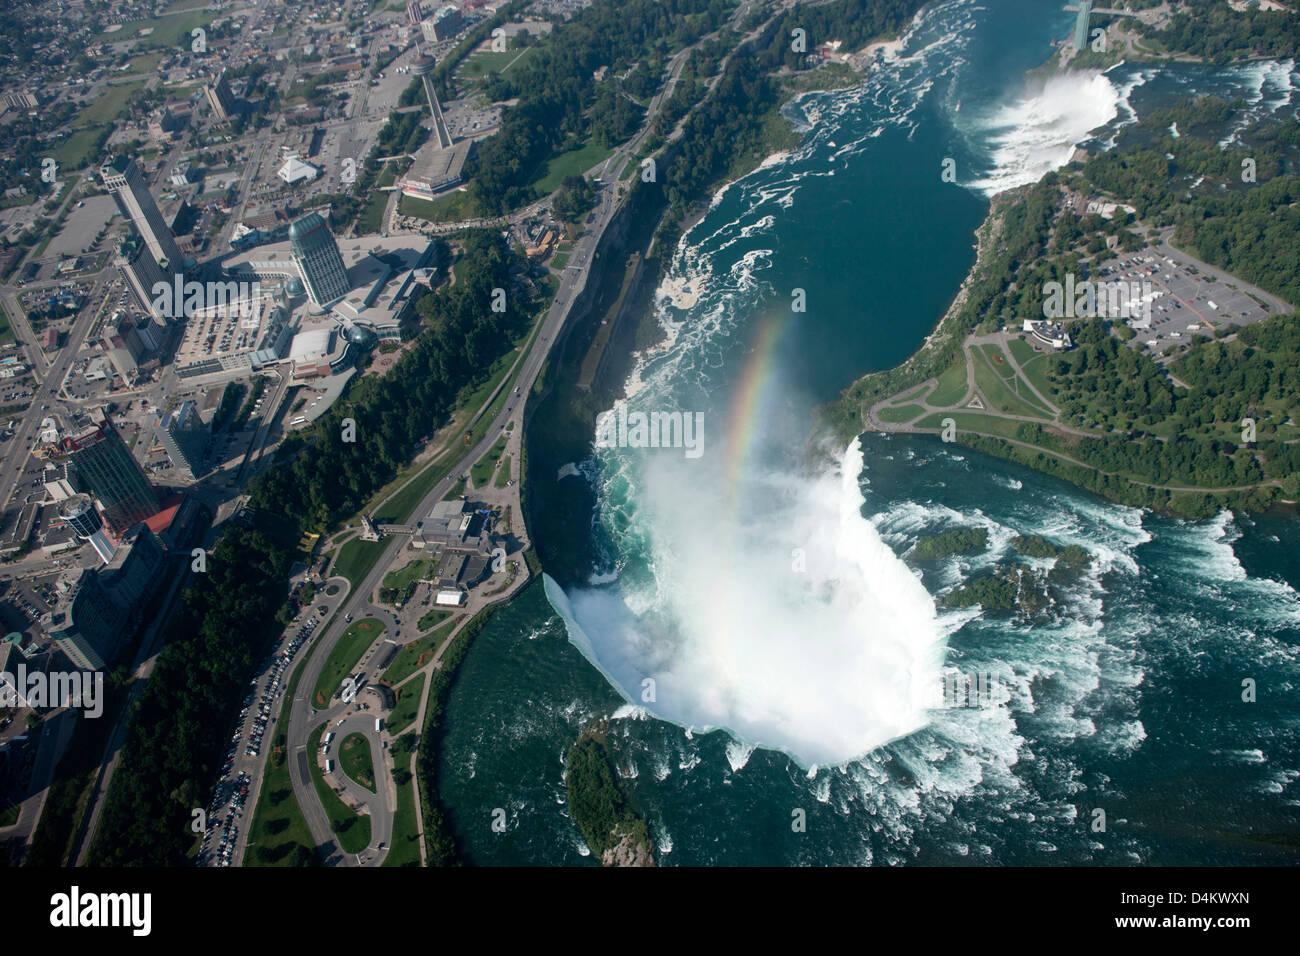 Niagara Falls At The Border Of Ontario Canada And New York Usa